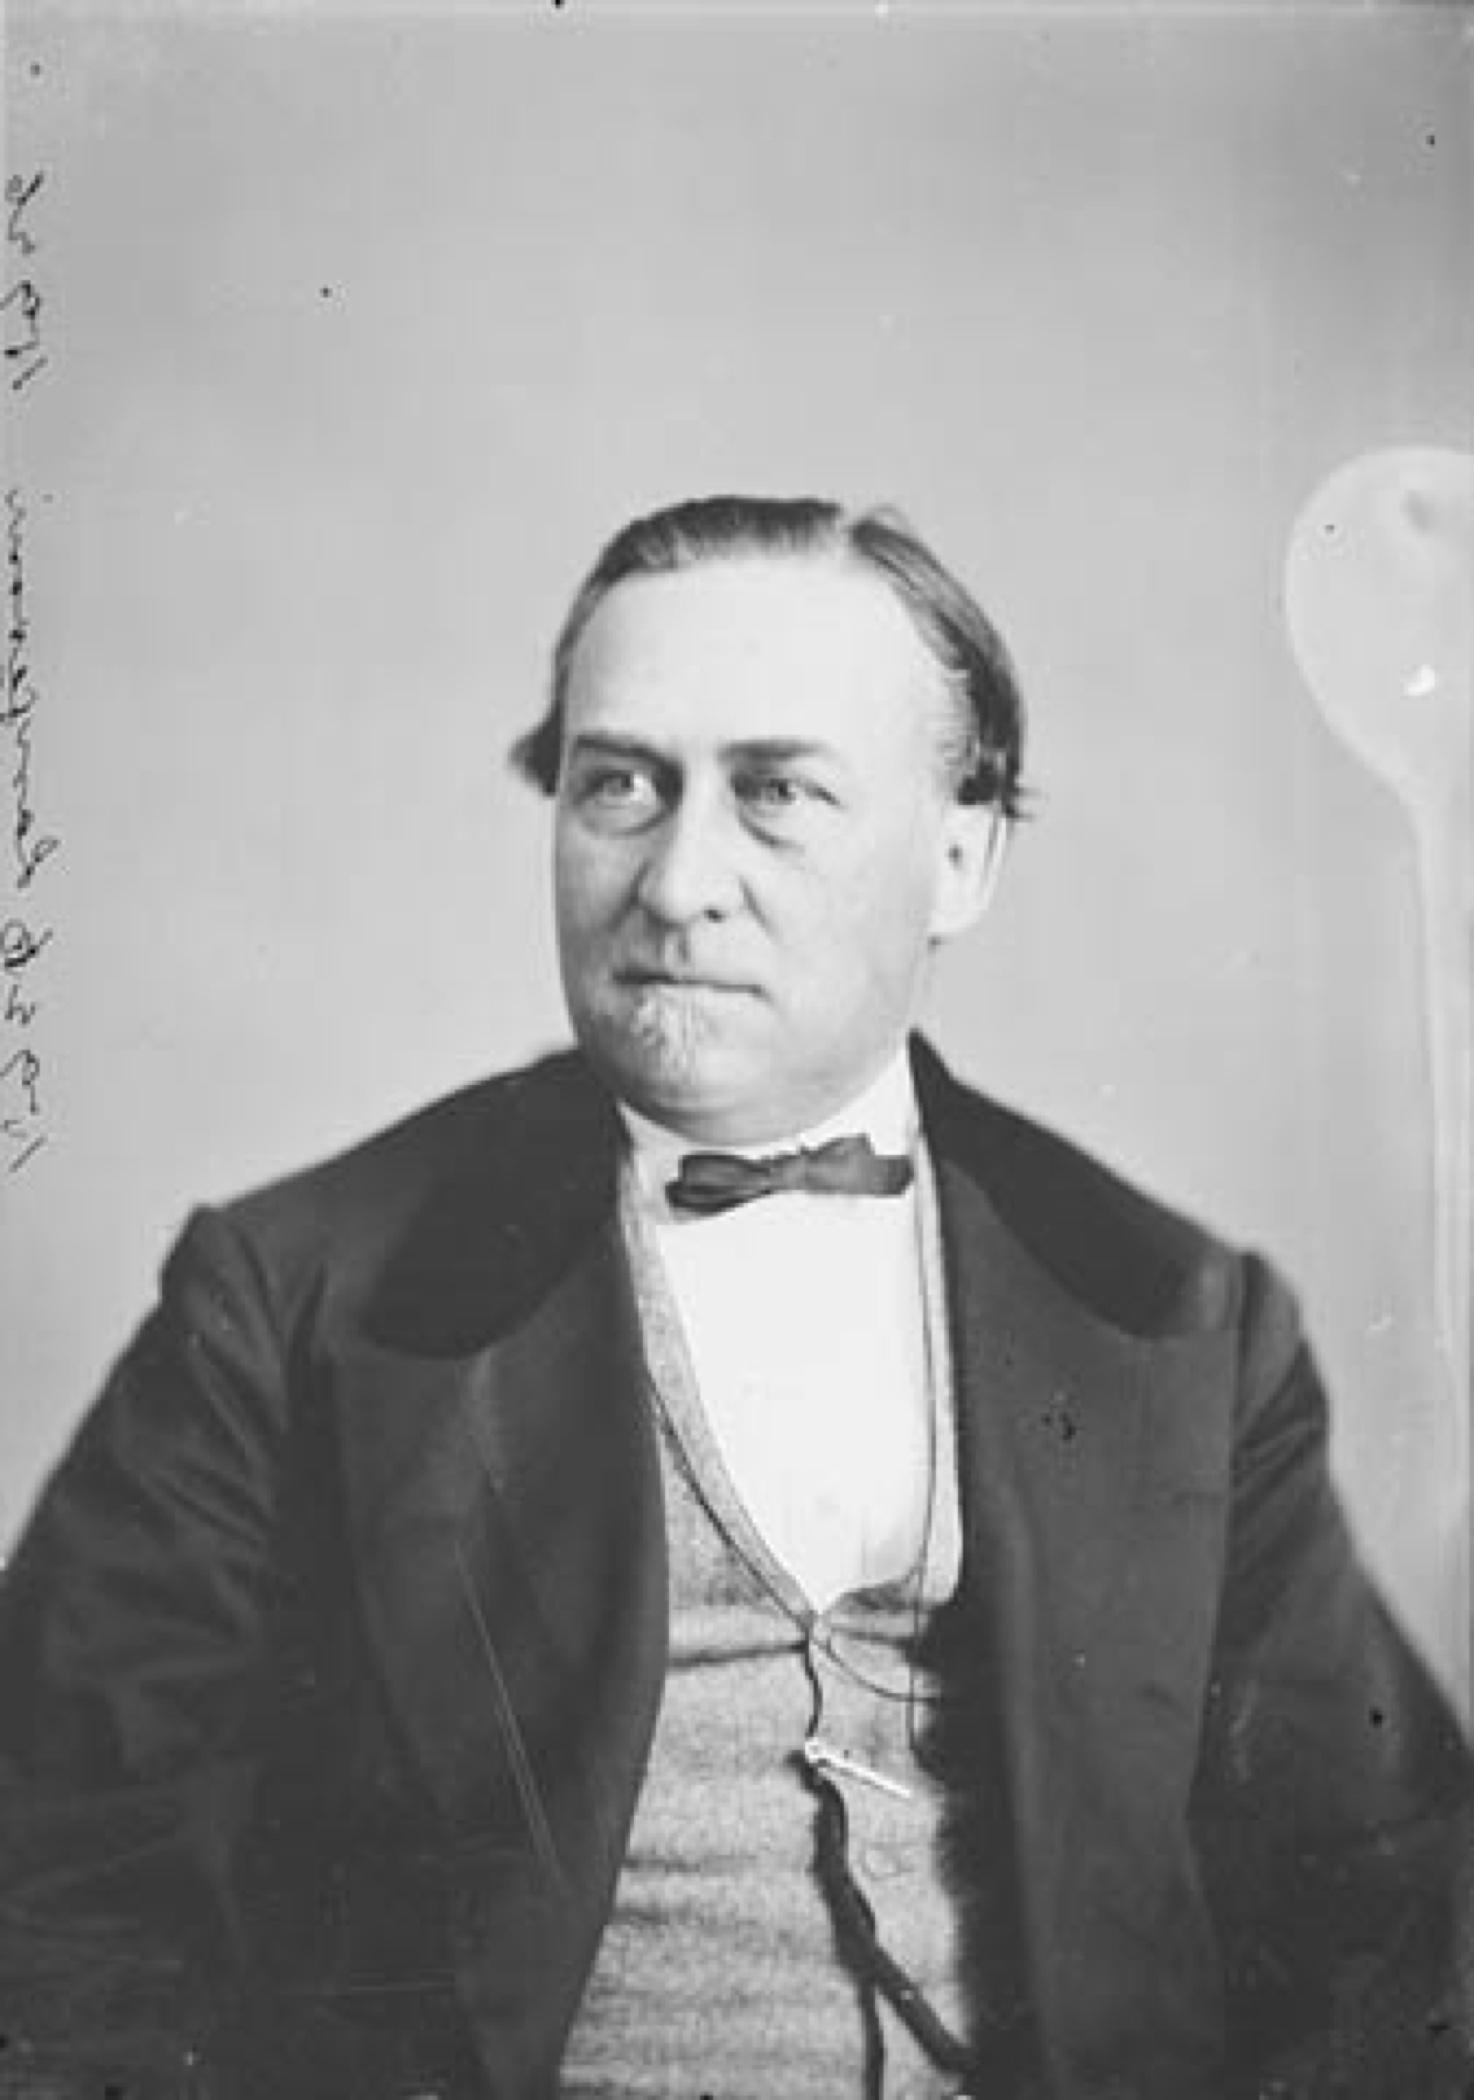 Portrait noir et blanc d'un homme d'âge moyen (Sir Hector Langevin), rasé de près mais affichant une petite barbe au menton, à la chevelure noire, vêtu d'une veste et d'un gilet, affichant un nœud papillon; son regard est songeur, légèrement tourné vers la gauche du cadre.